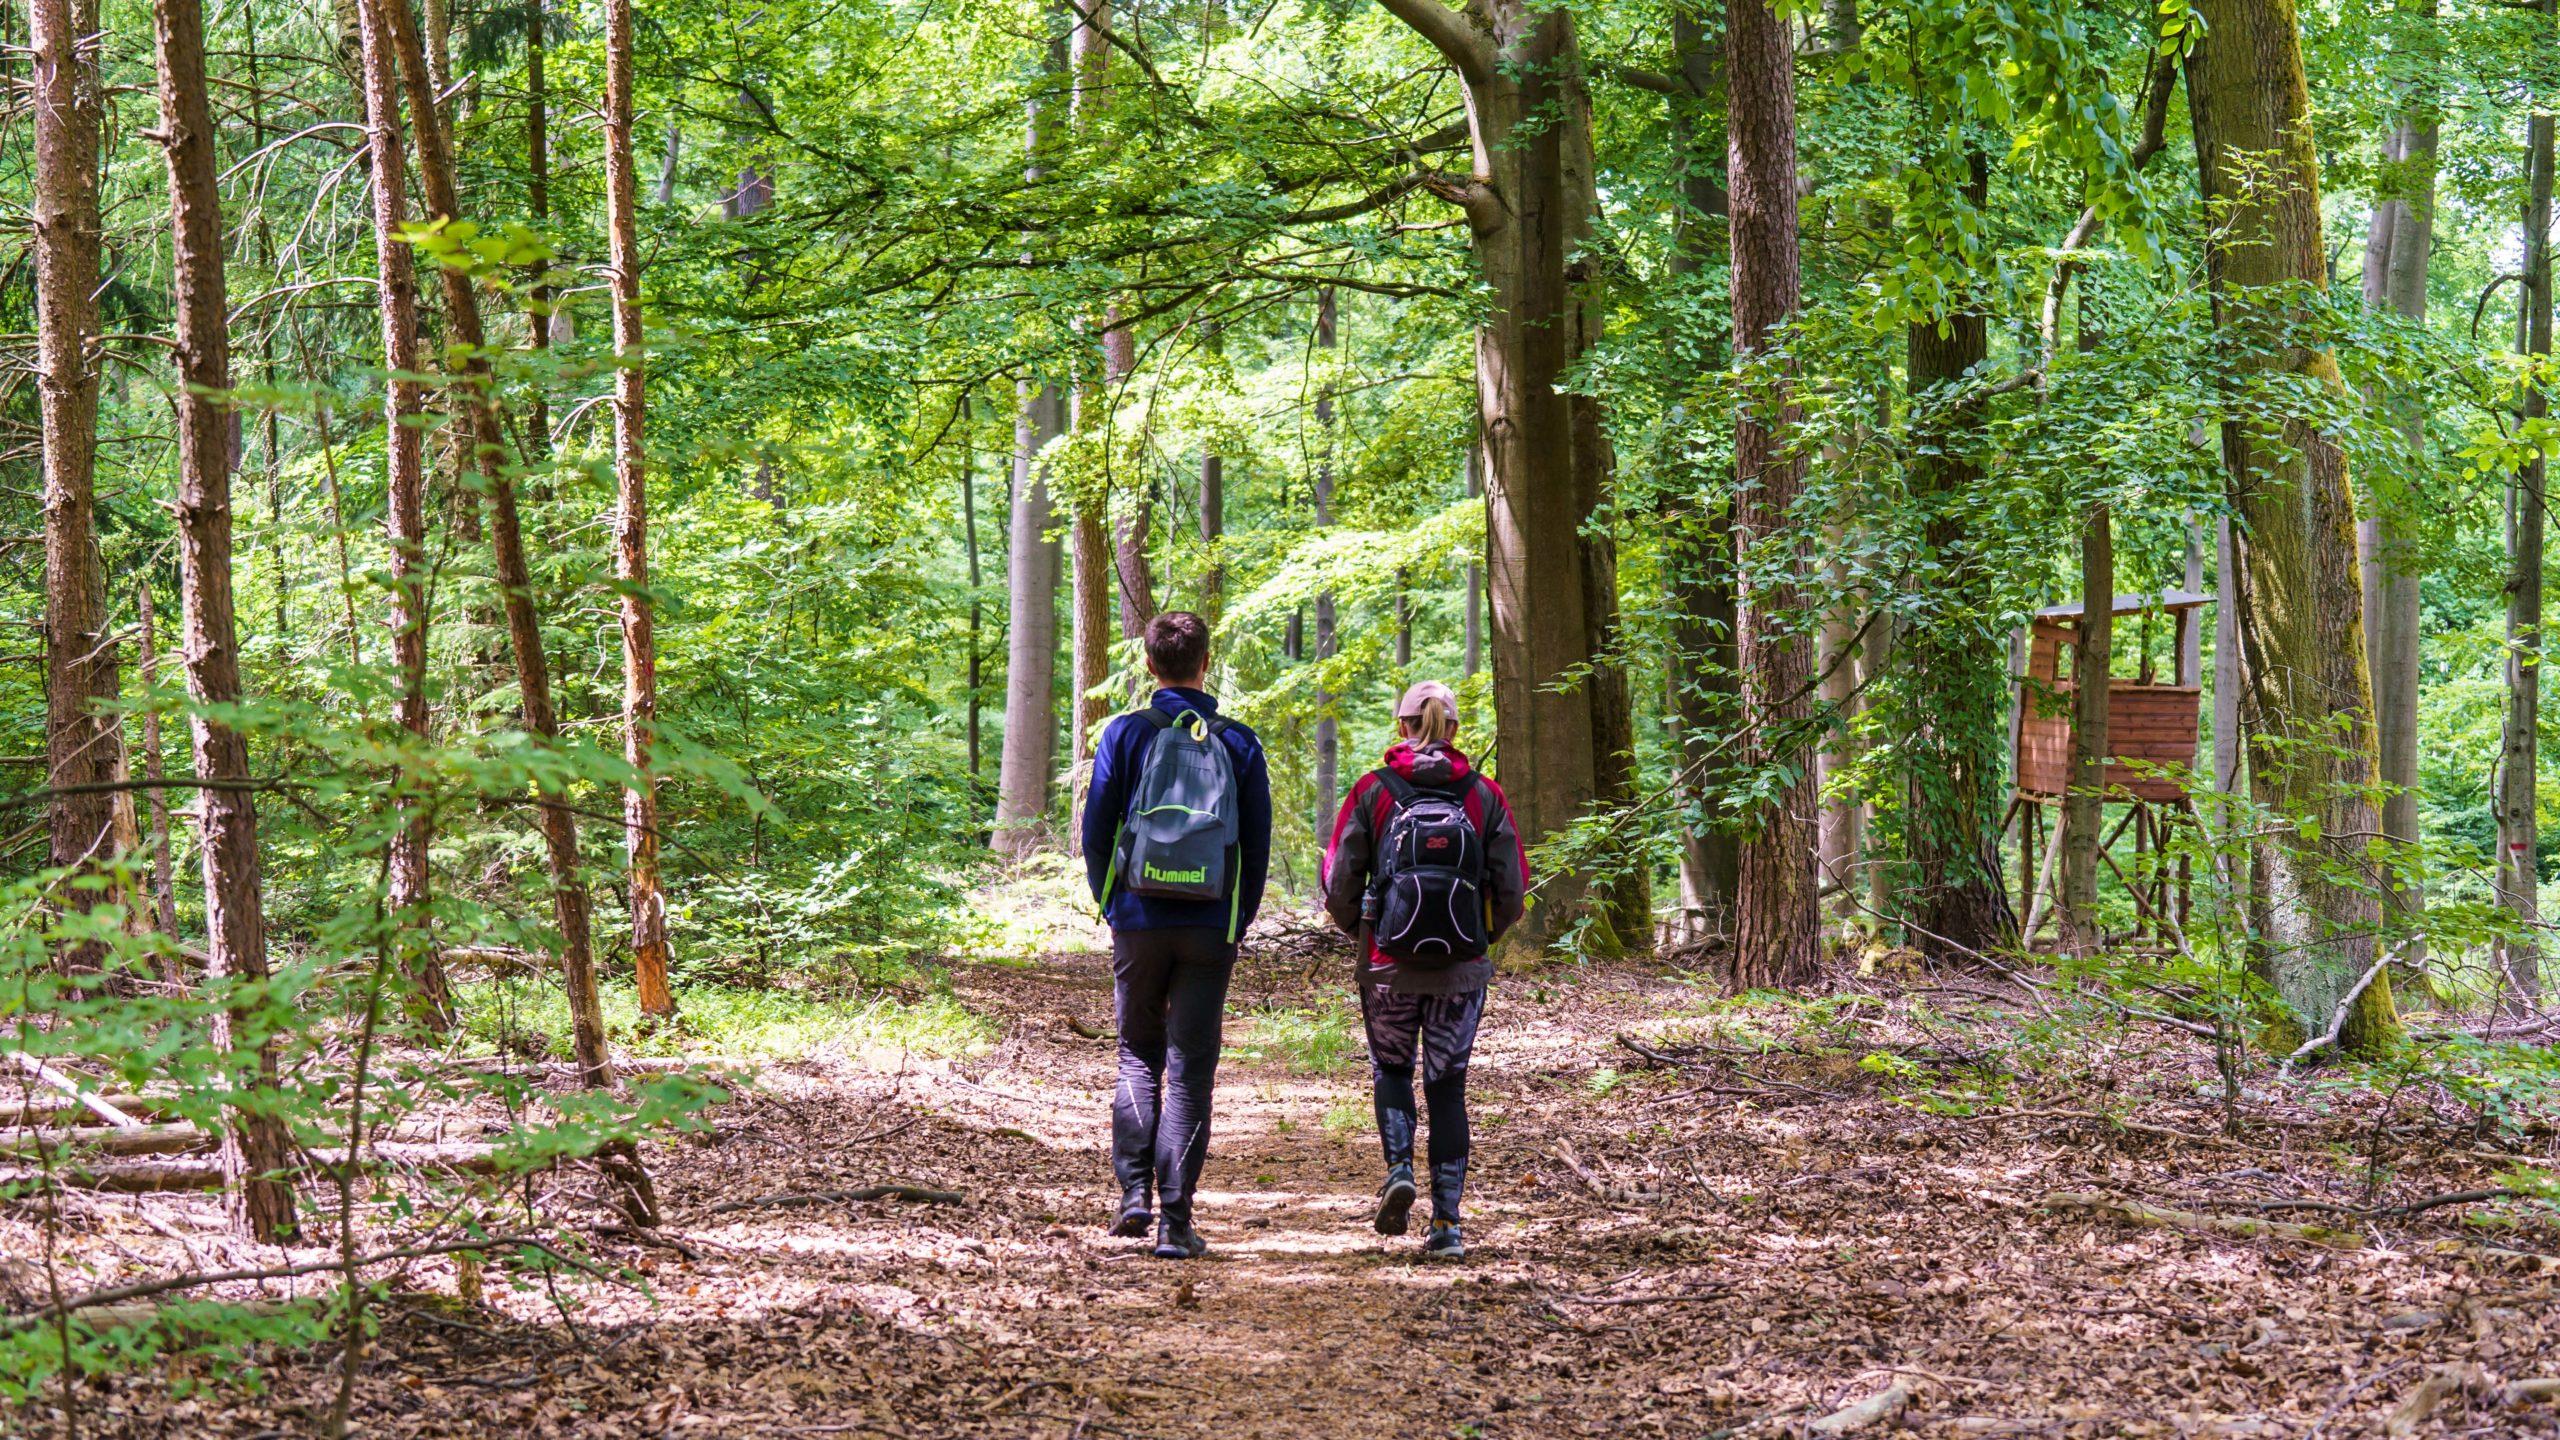 Grenzweg Gerstunger Forst - und weiter auf dem gemeinsamen Weg